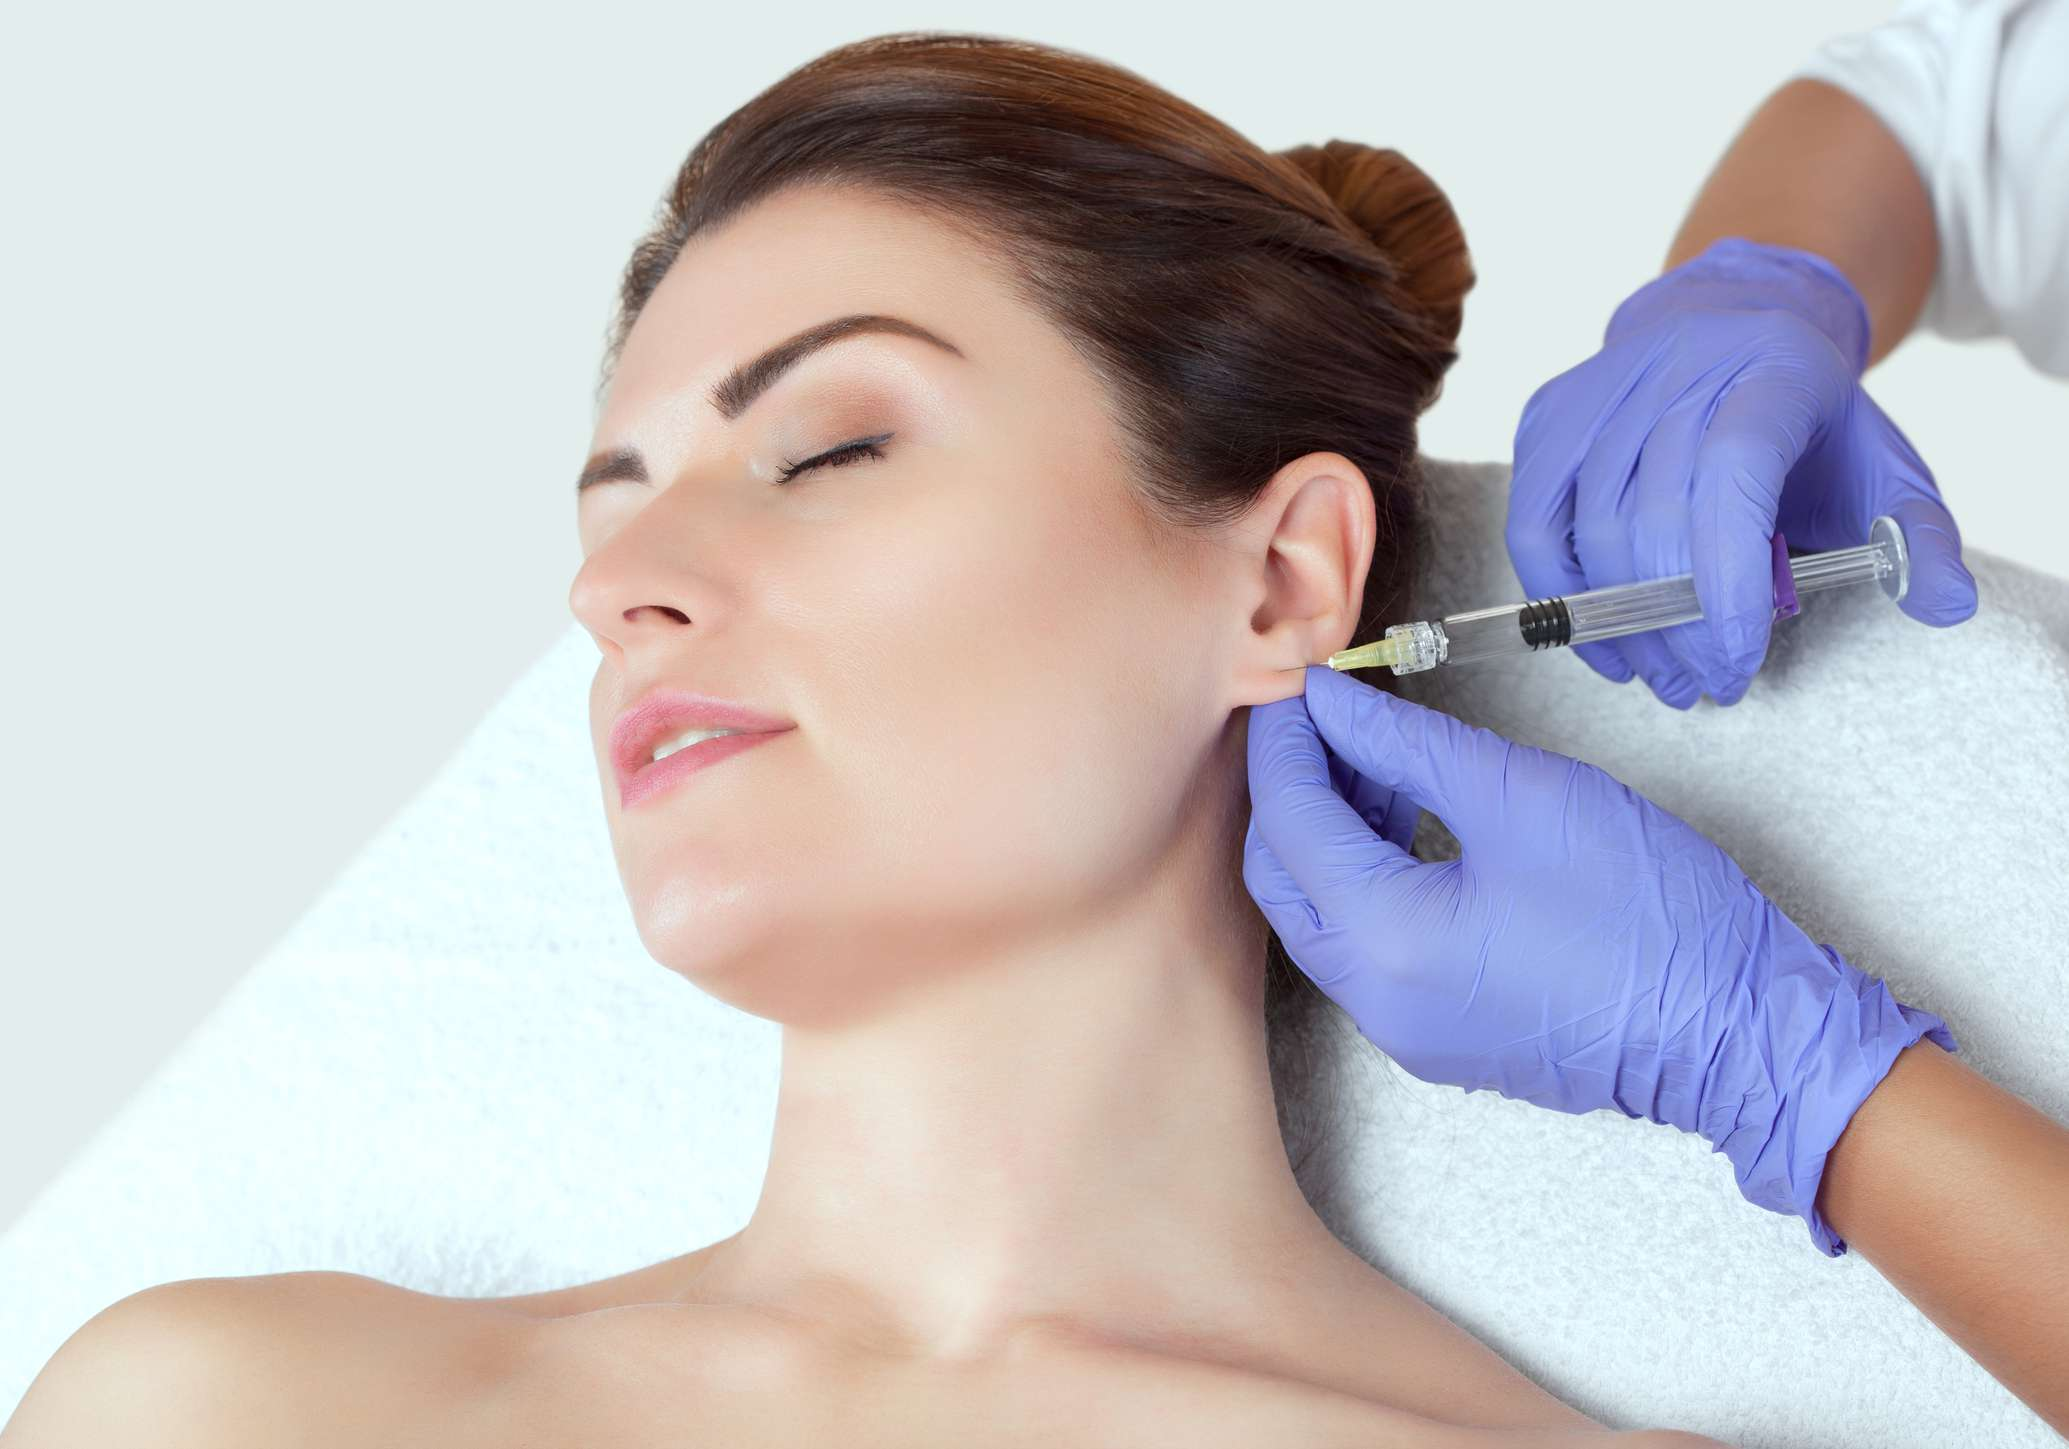 Woman receiving an injection in her ear lobe